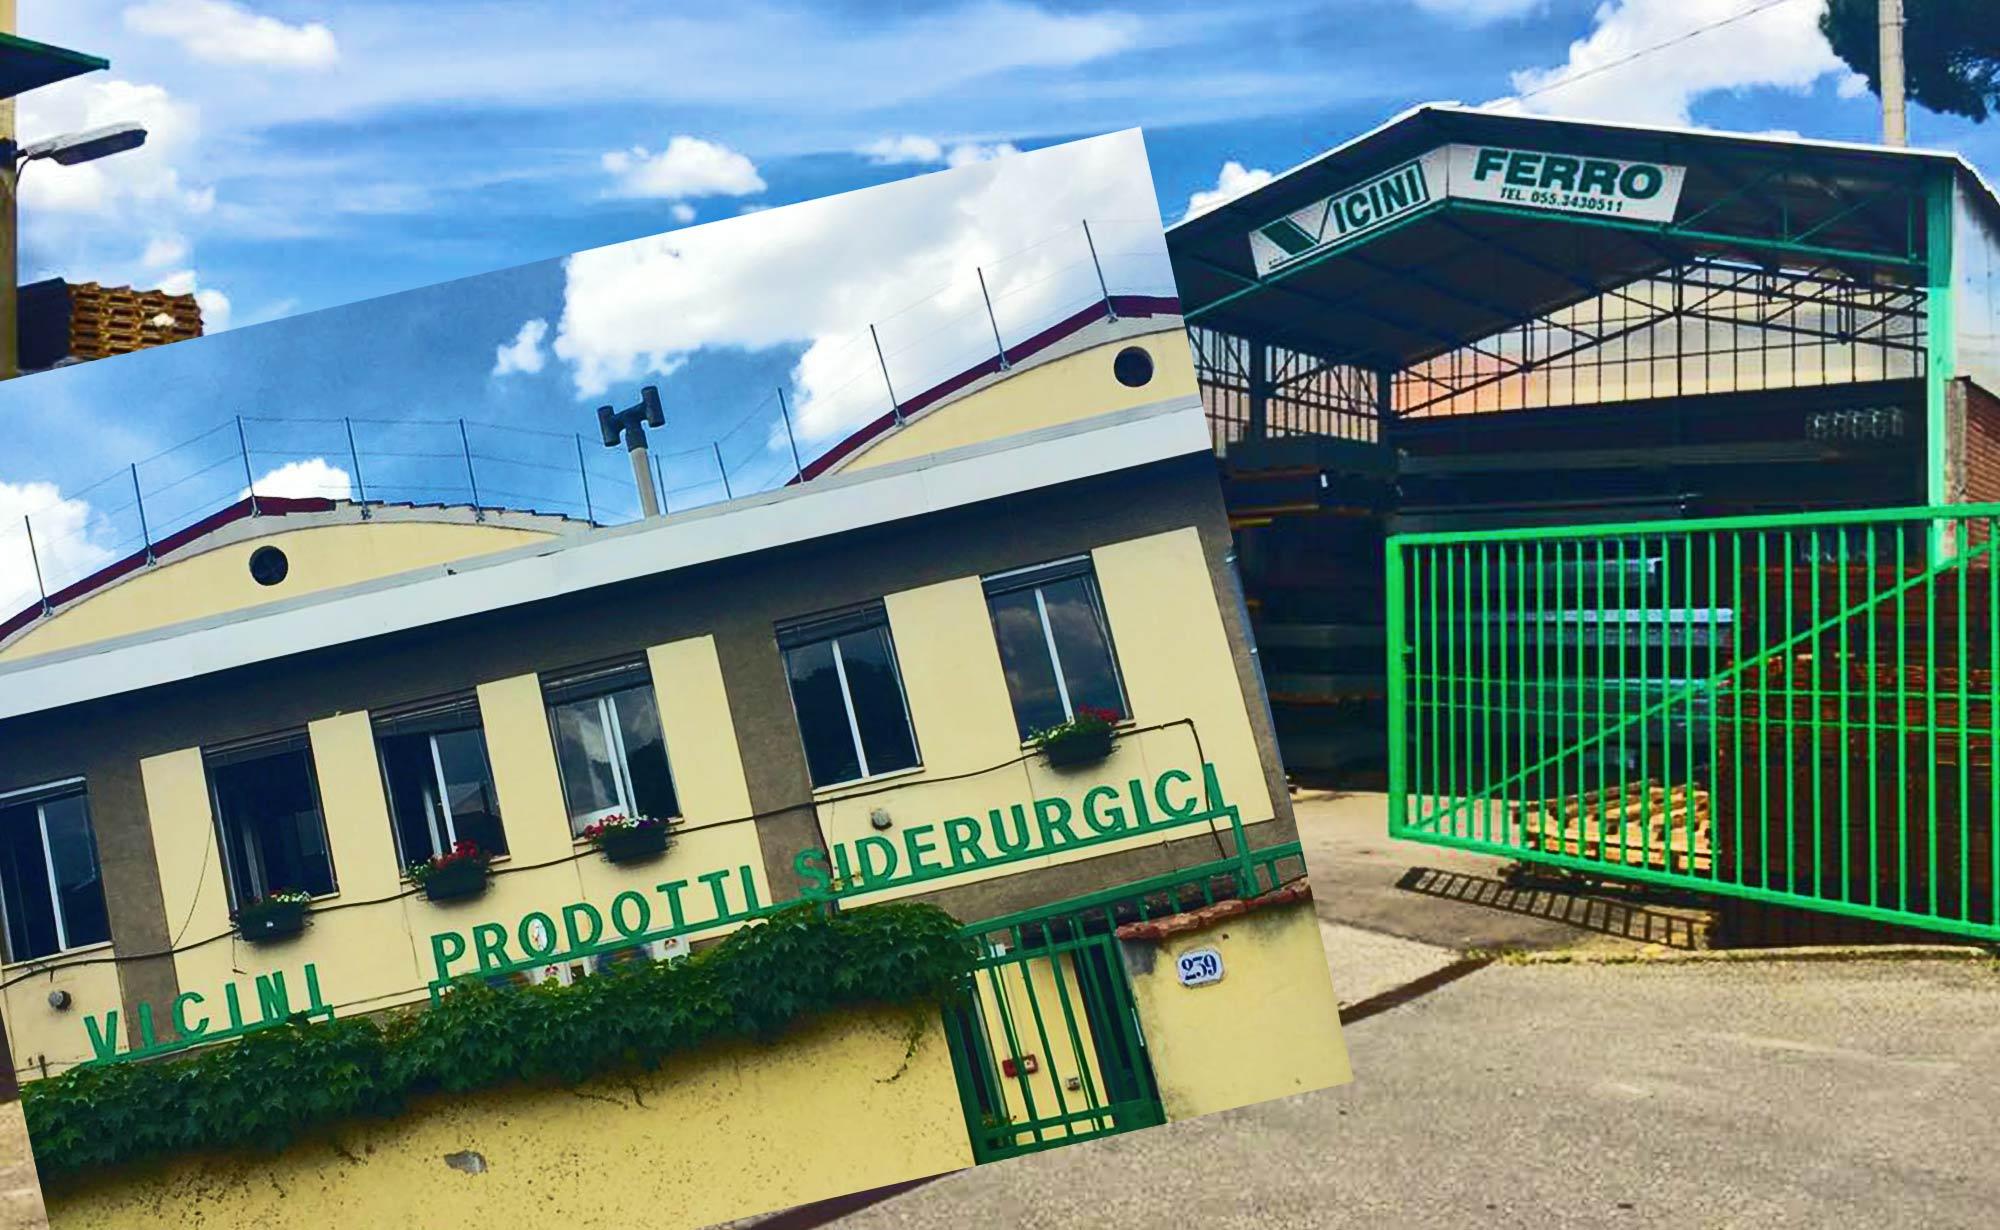 insegna sede Vicini spa prodotti siderurgici